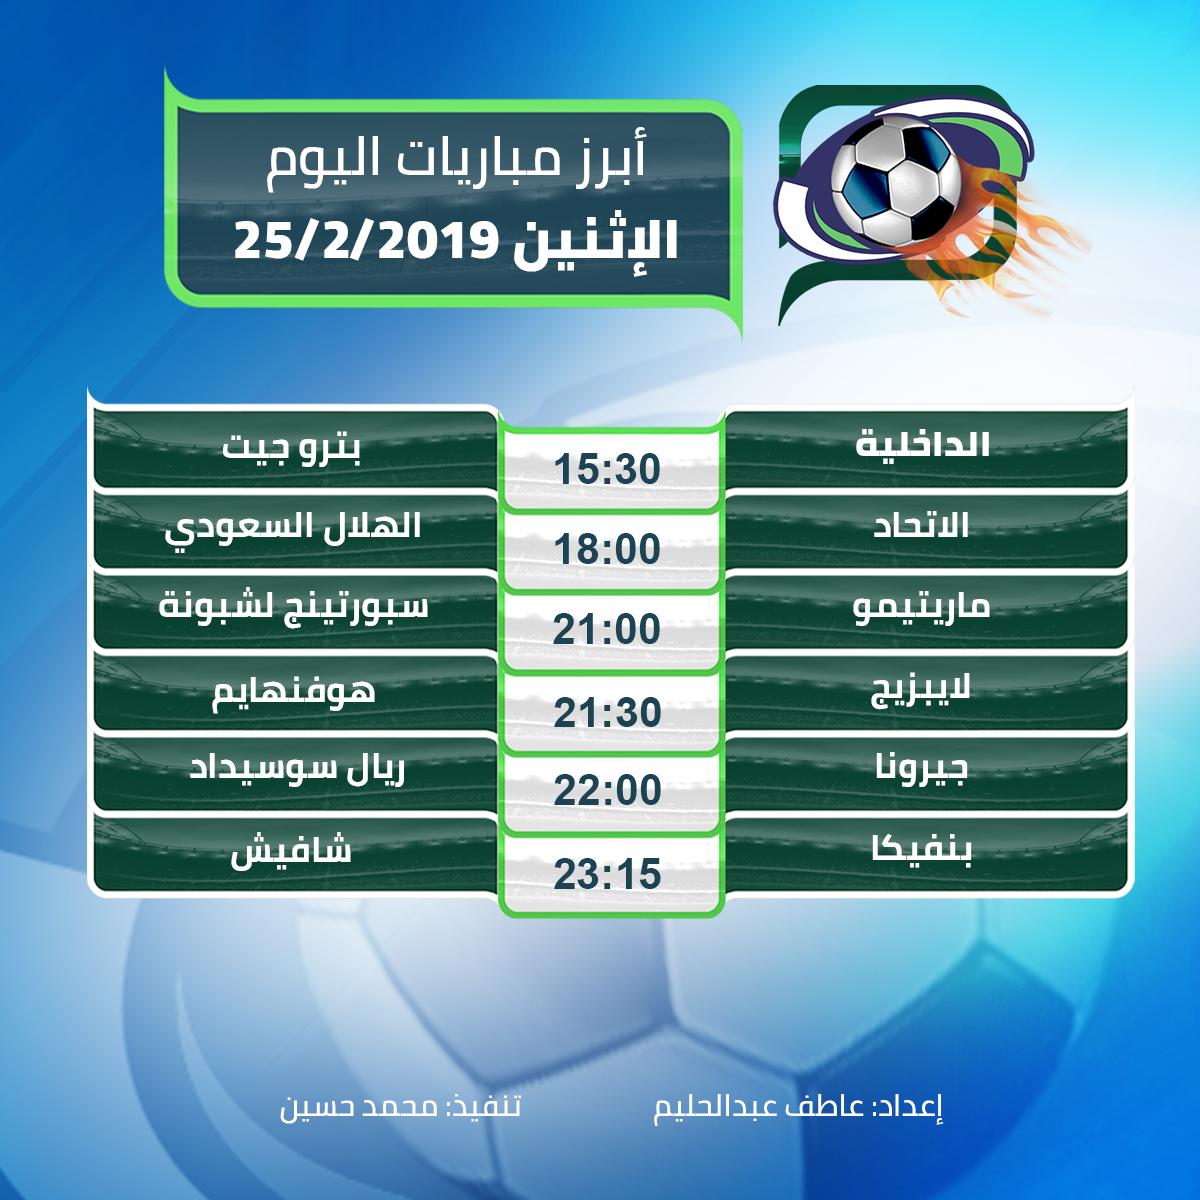 أبرز مباريات اليوم الأثنين 25/2/2019